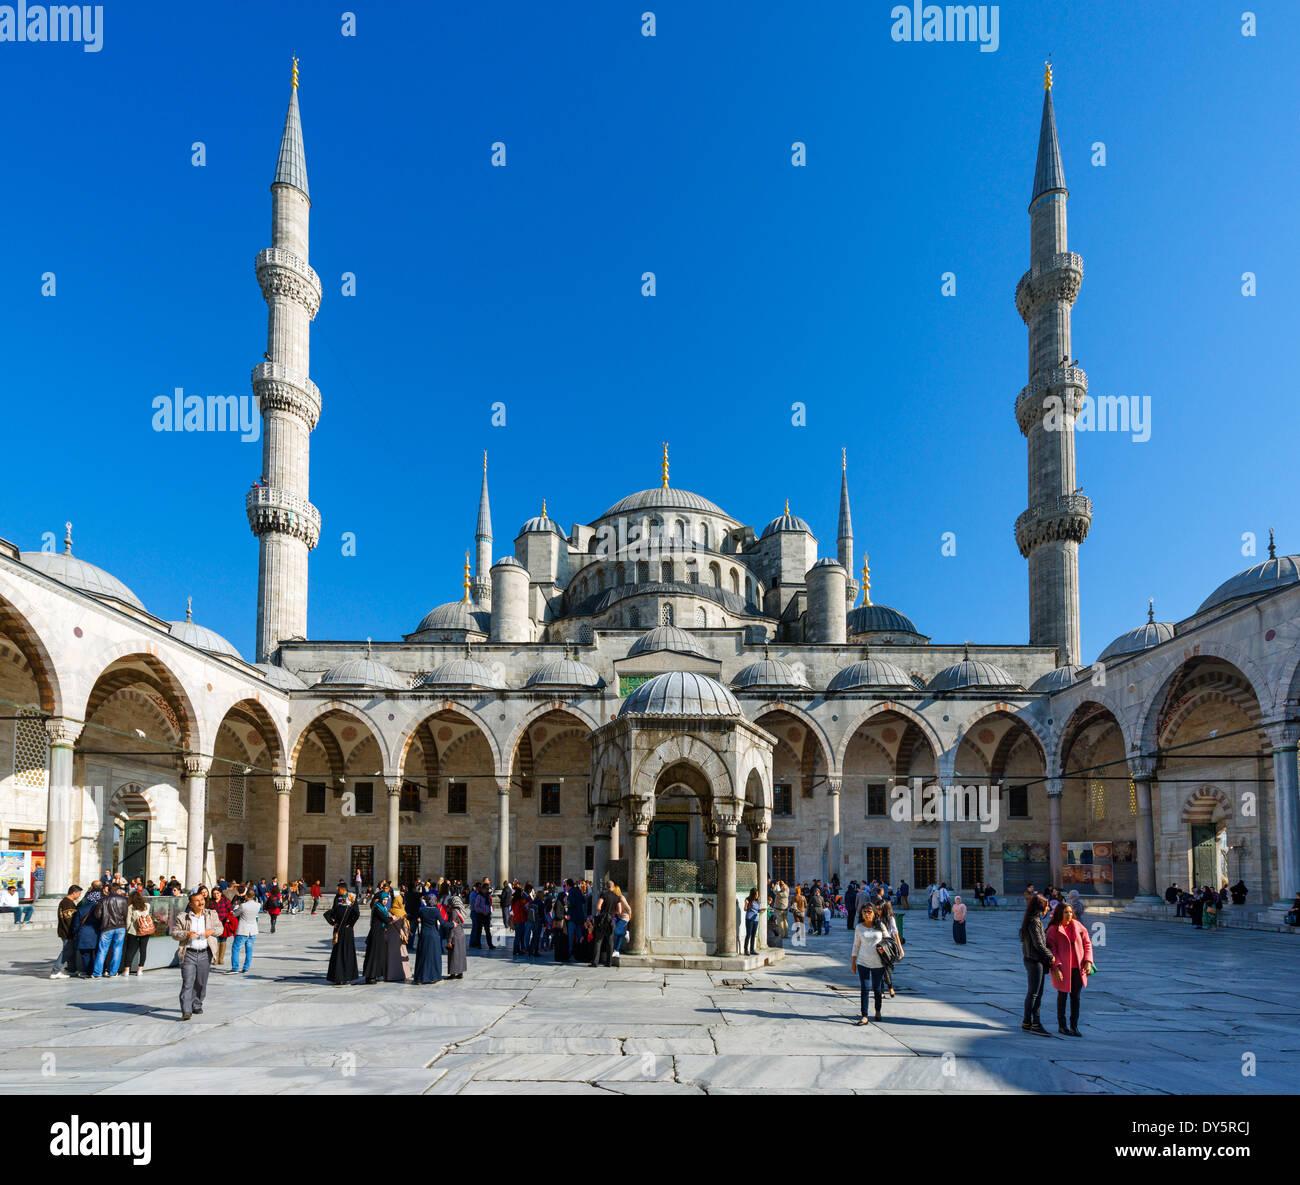 Sultanahmet Mosque Stock Photos & Sultanahmet Mosque Stock ...